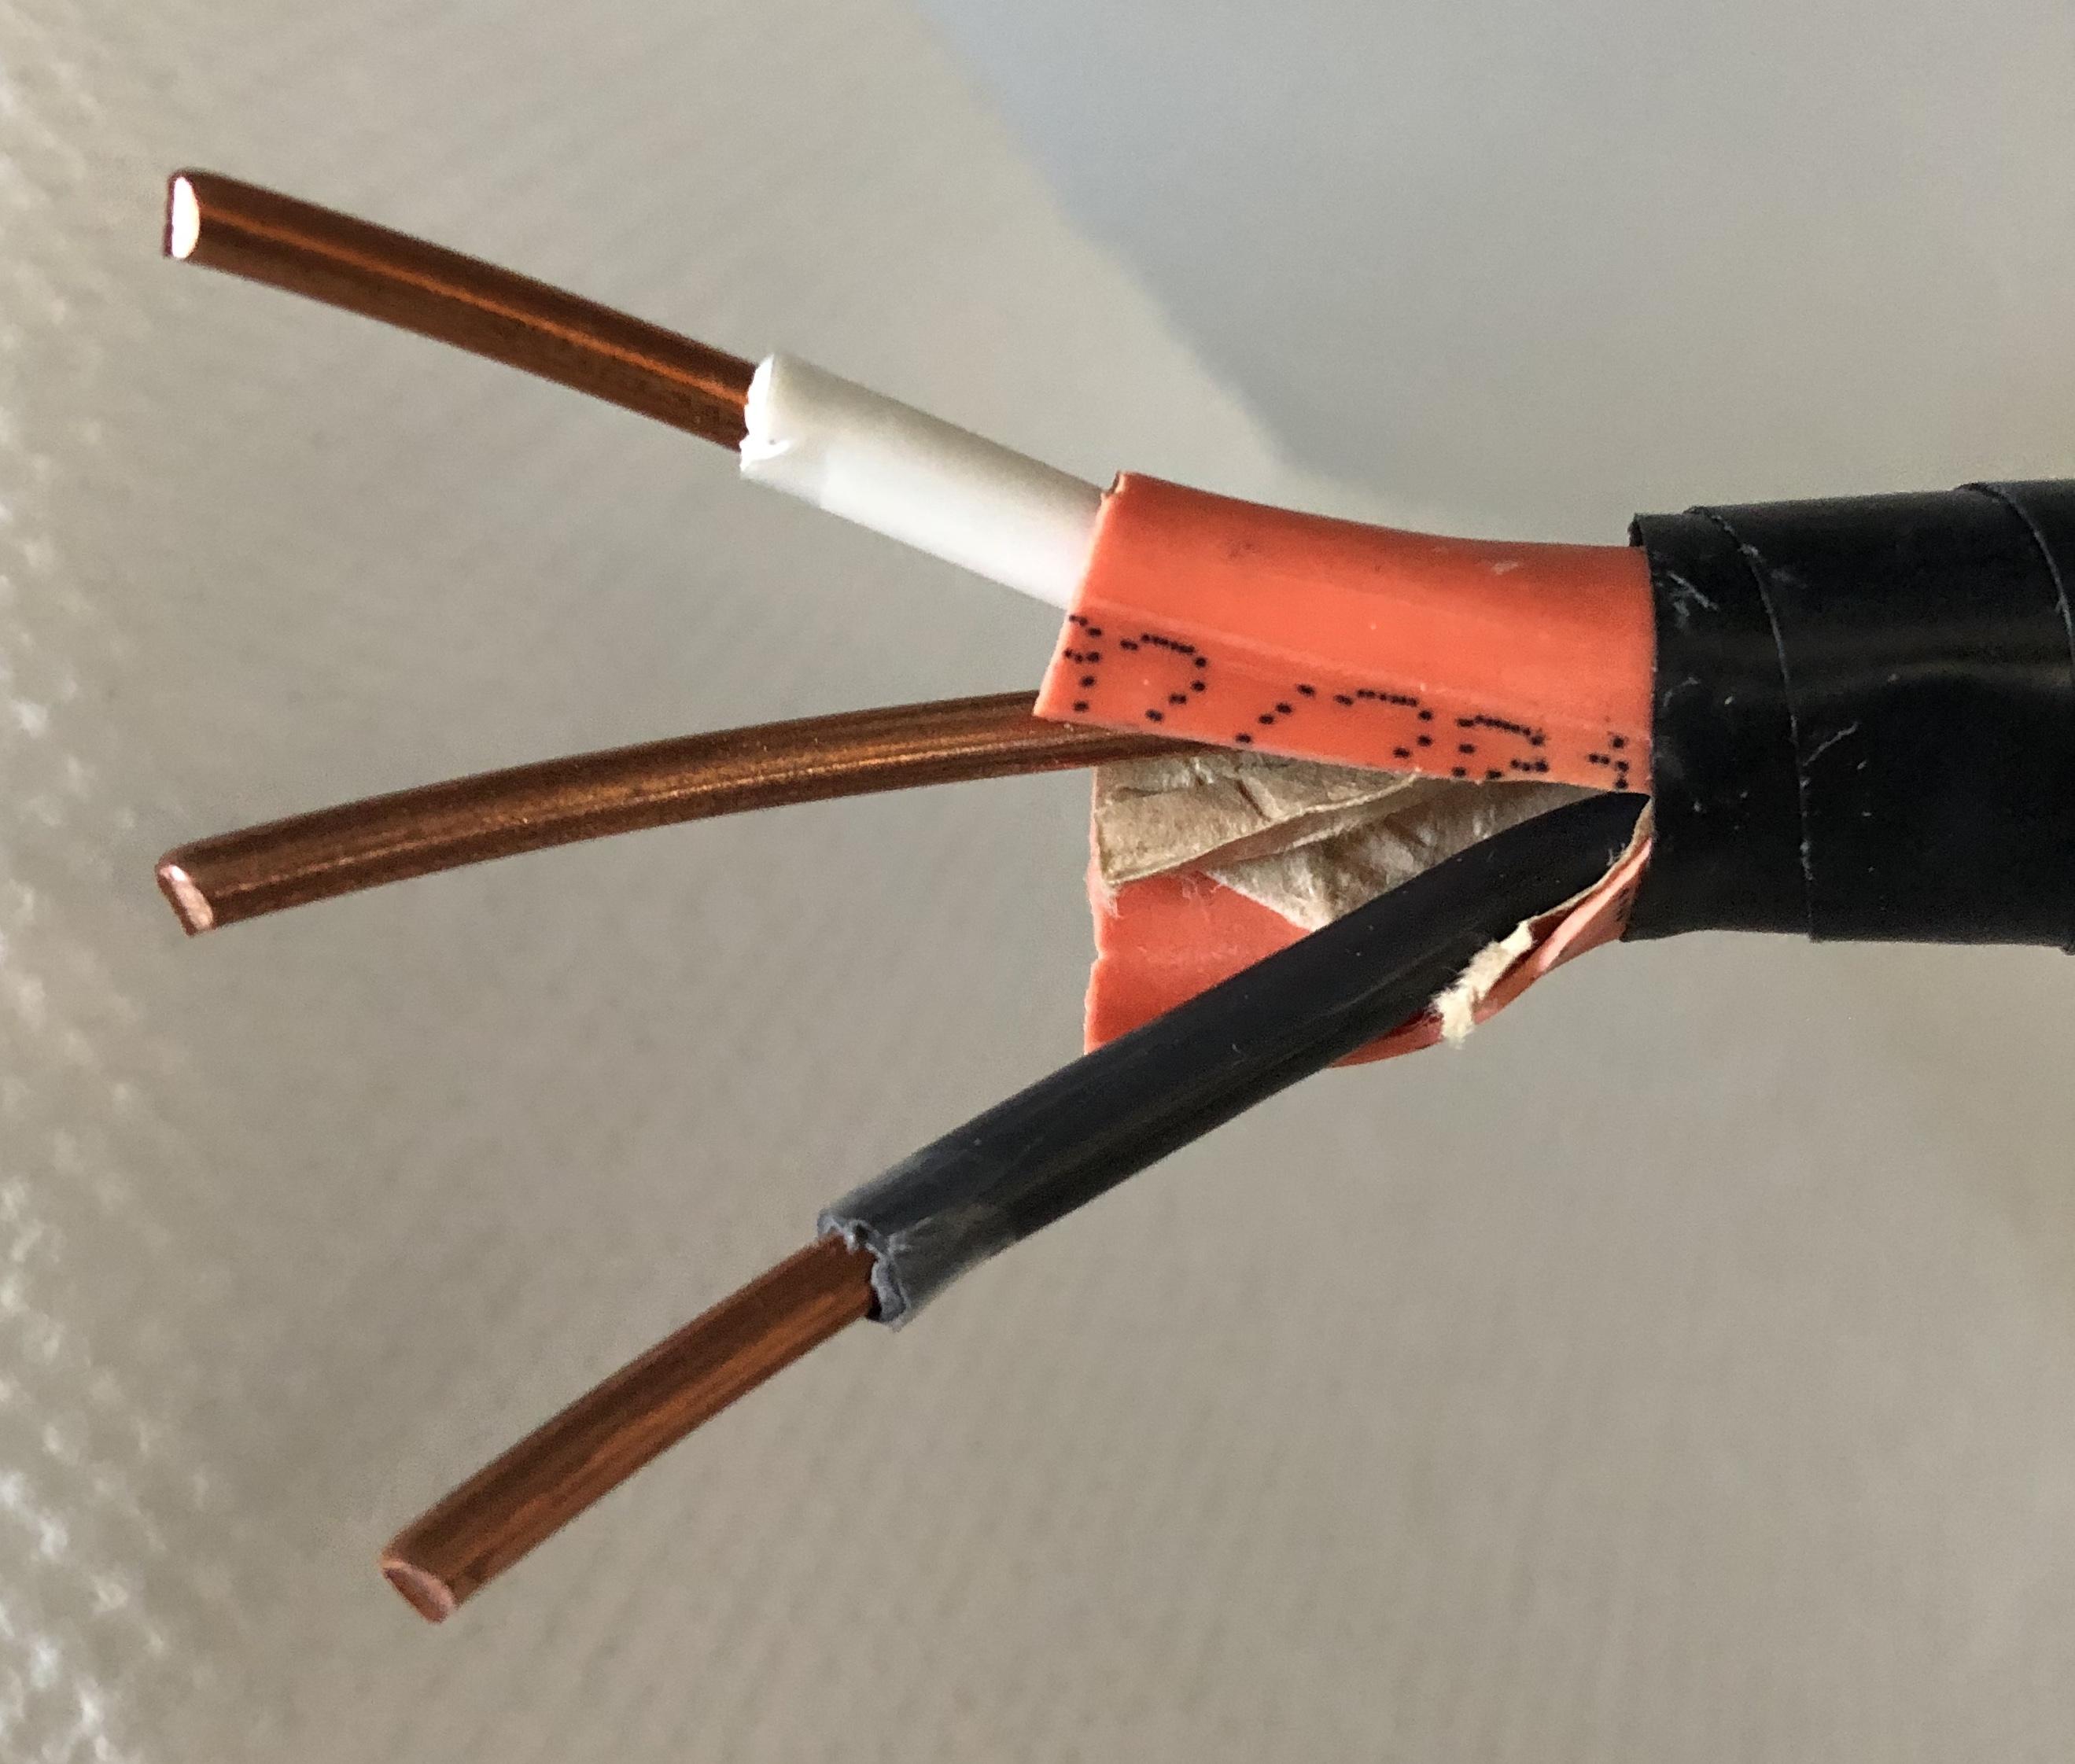 Ground-live-neutral wires